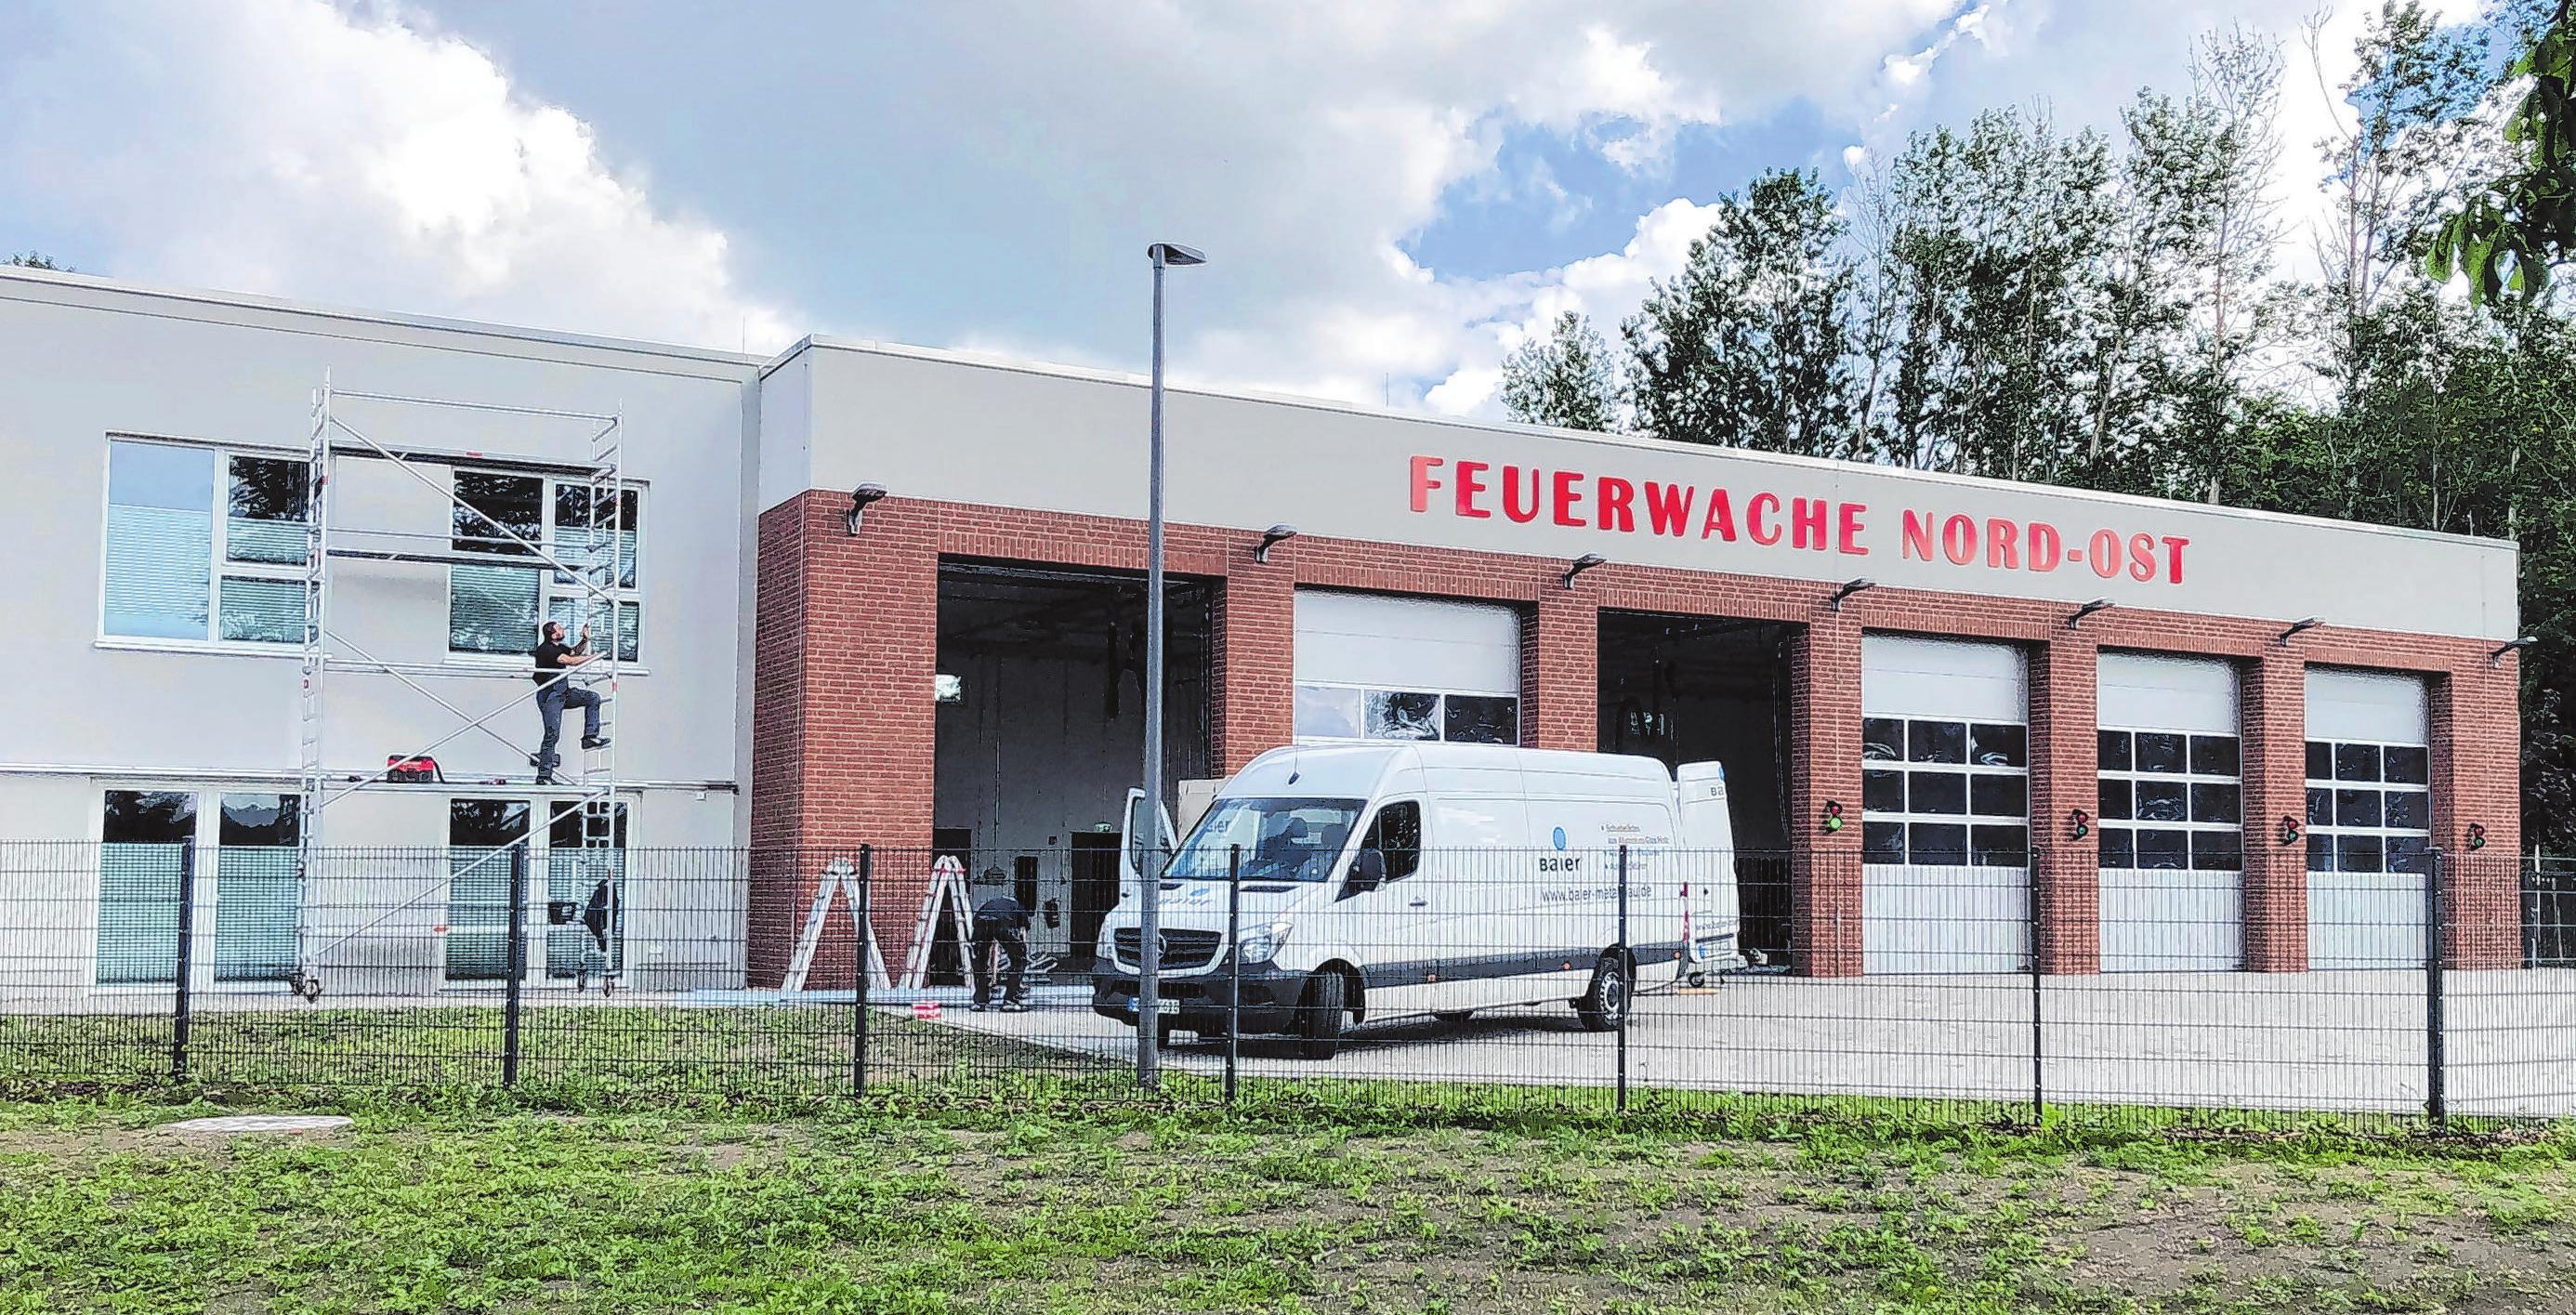 Der Neubau der Feuerwache in Alt Ruppin soll künftig als Stützpunkt für den vierten Löschzug dienen. Er erfüllt alle Anforderungen für eine hohe Einsatzbereitschaft der Wehr. Fotos (3): Wolter